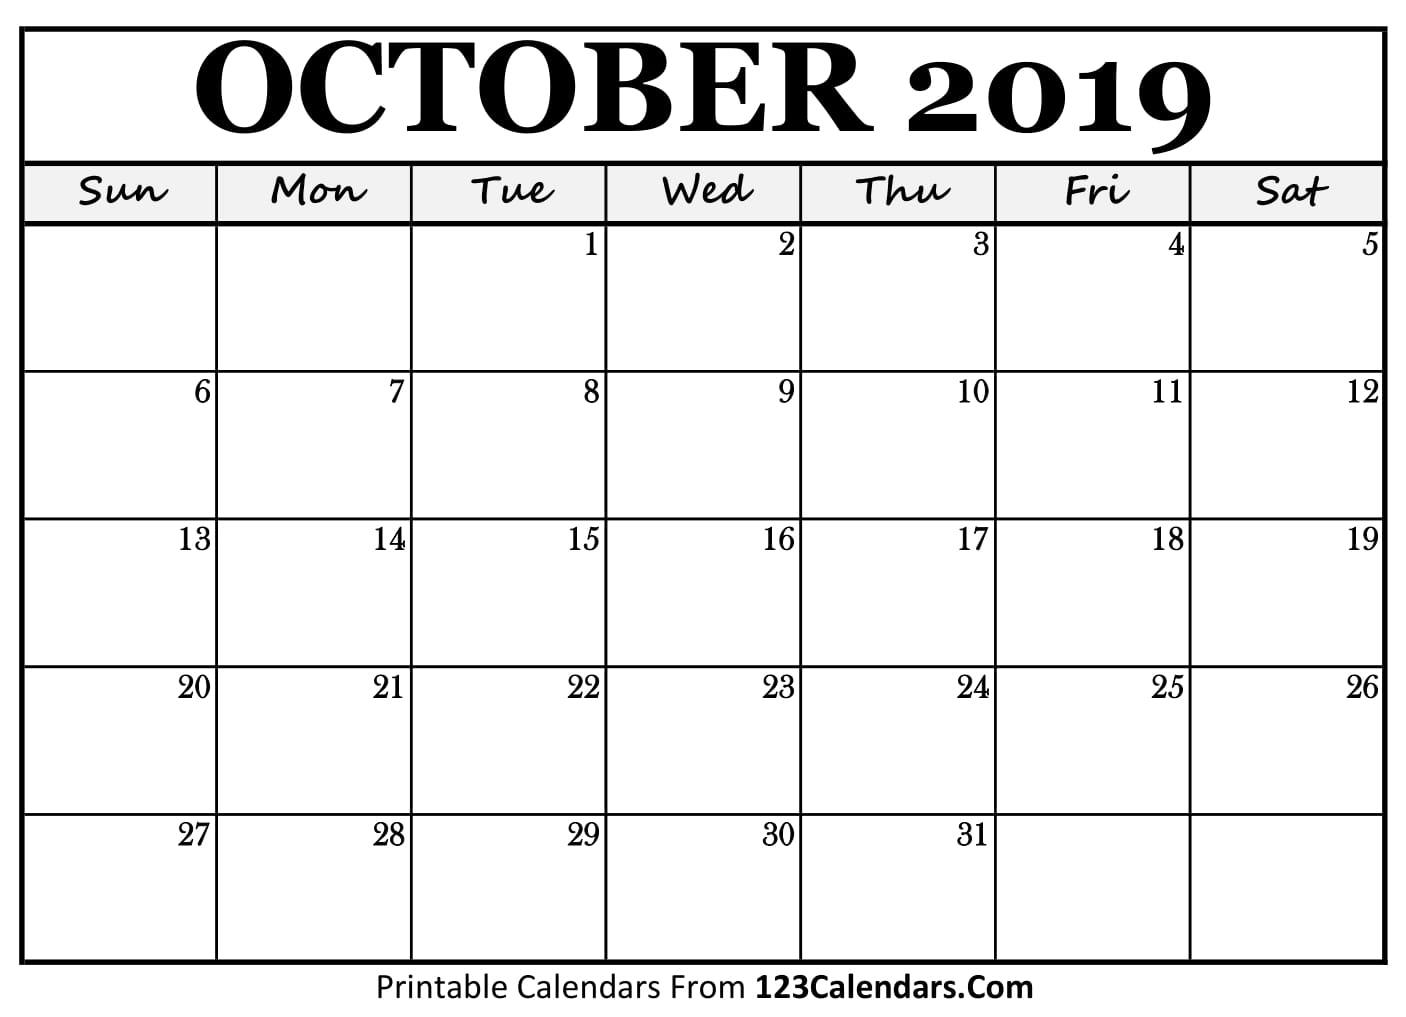 October Calendar 2018 Printable : Printable october calendar templates calendars